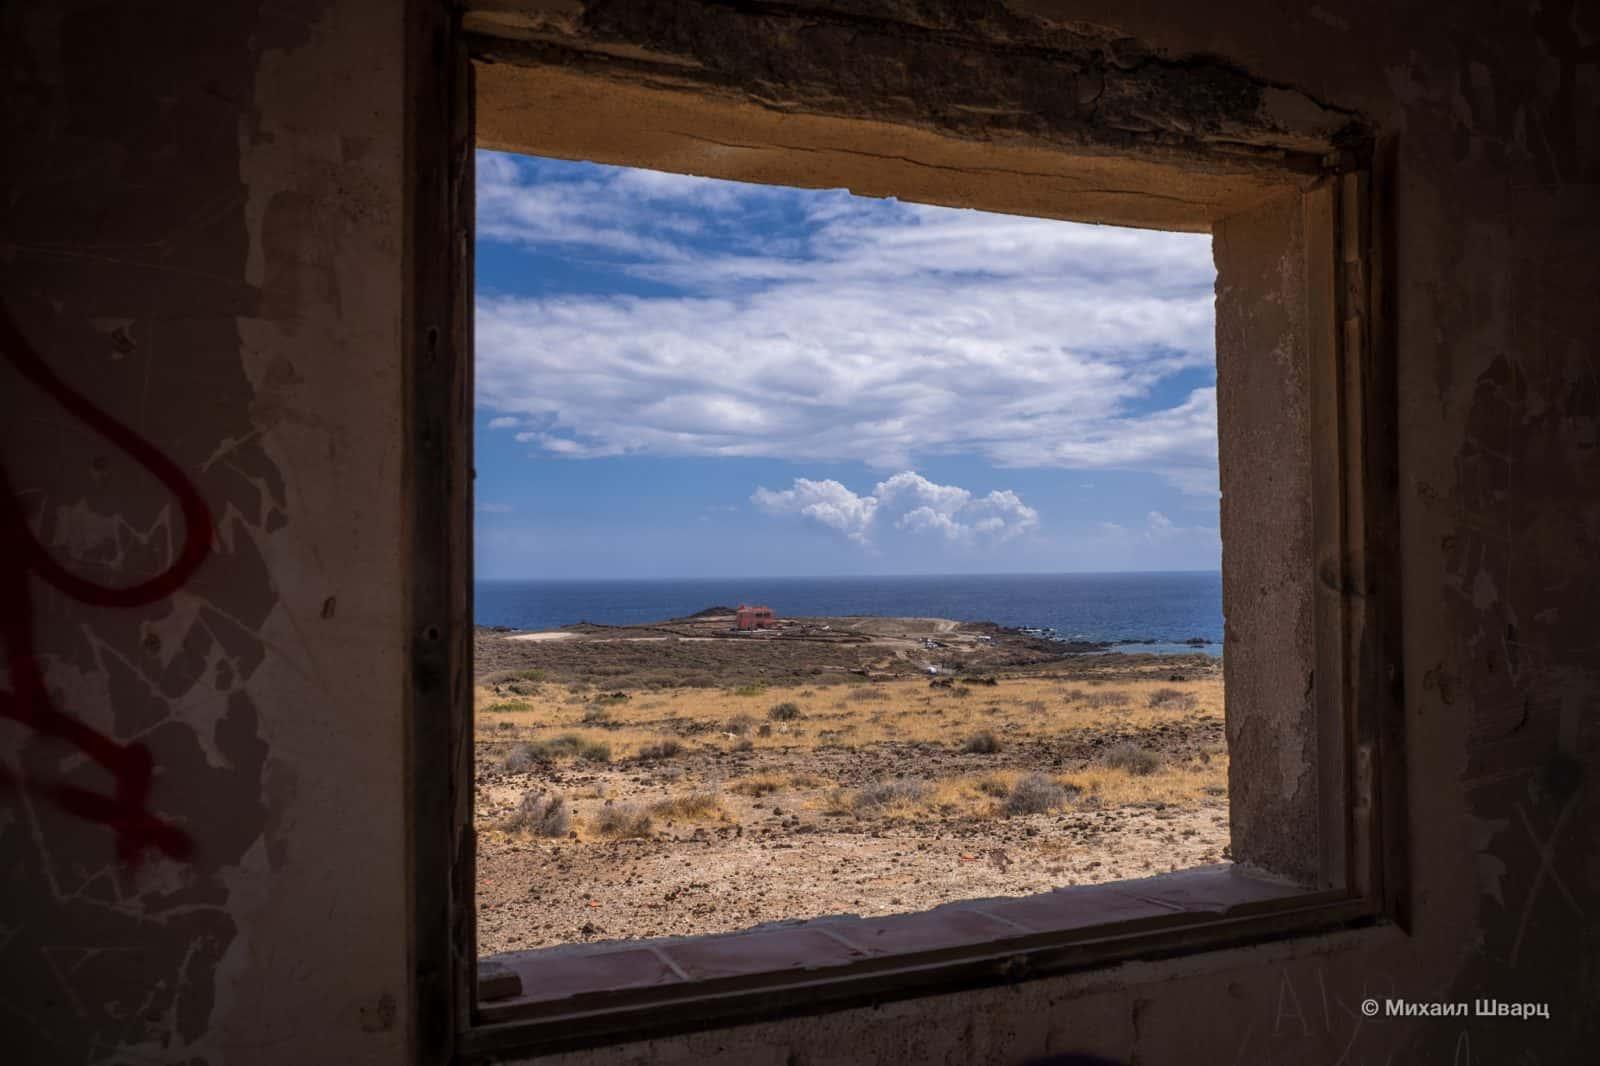 Вид из окна недостроенного лечебно учреждения